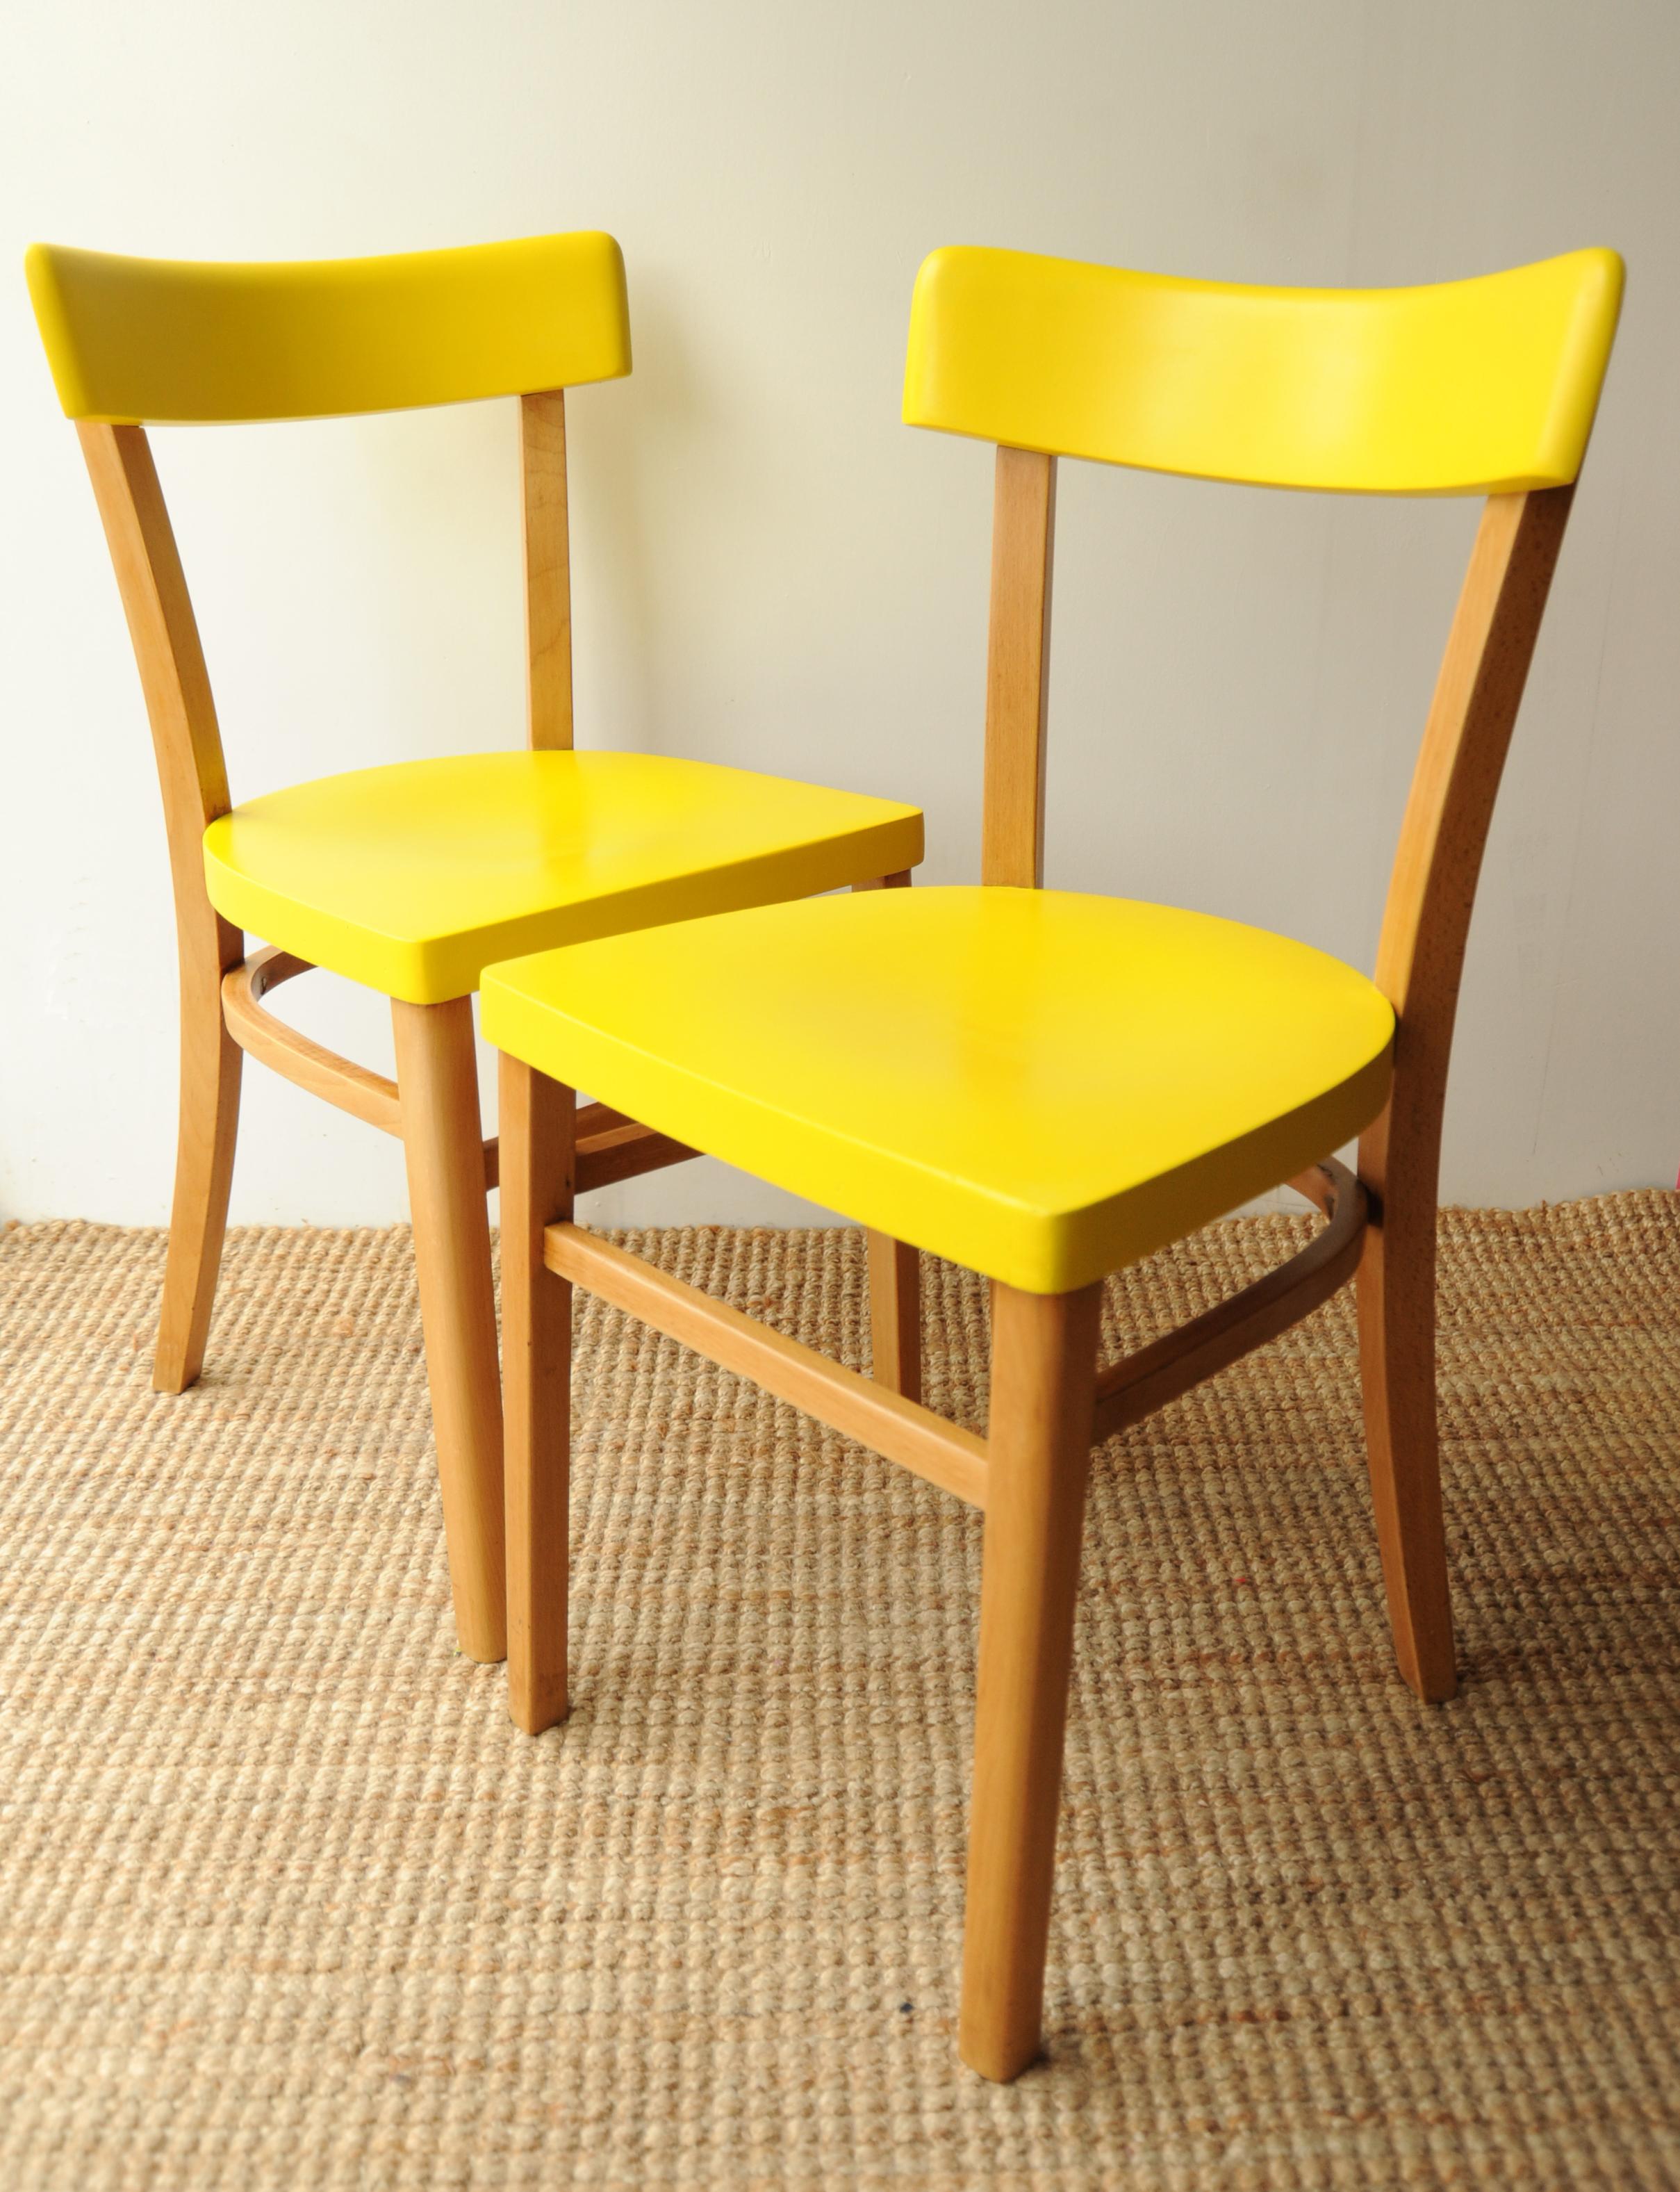 Chaises jaune ambiance l 39 atelier de niguedouille - Peinture chaise bois ...